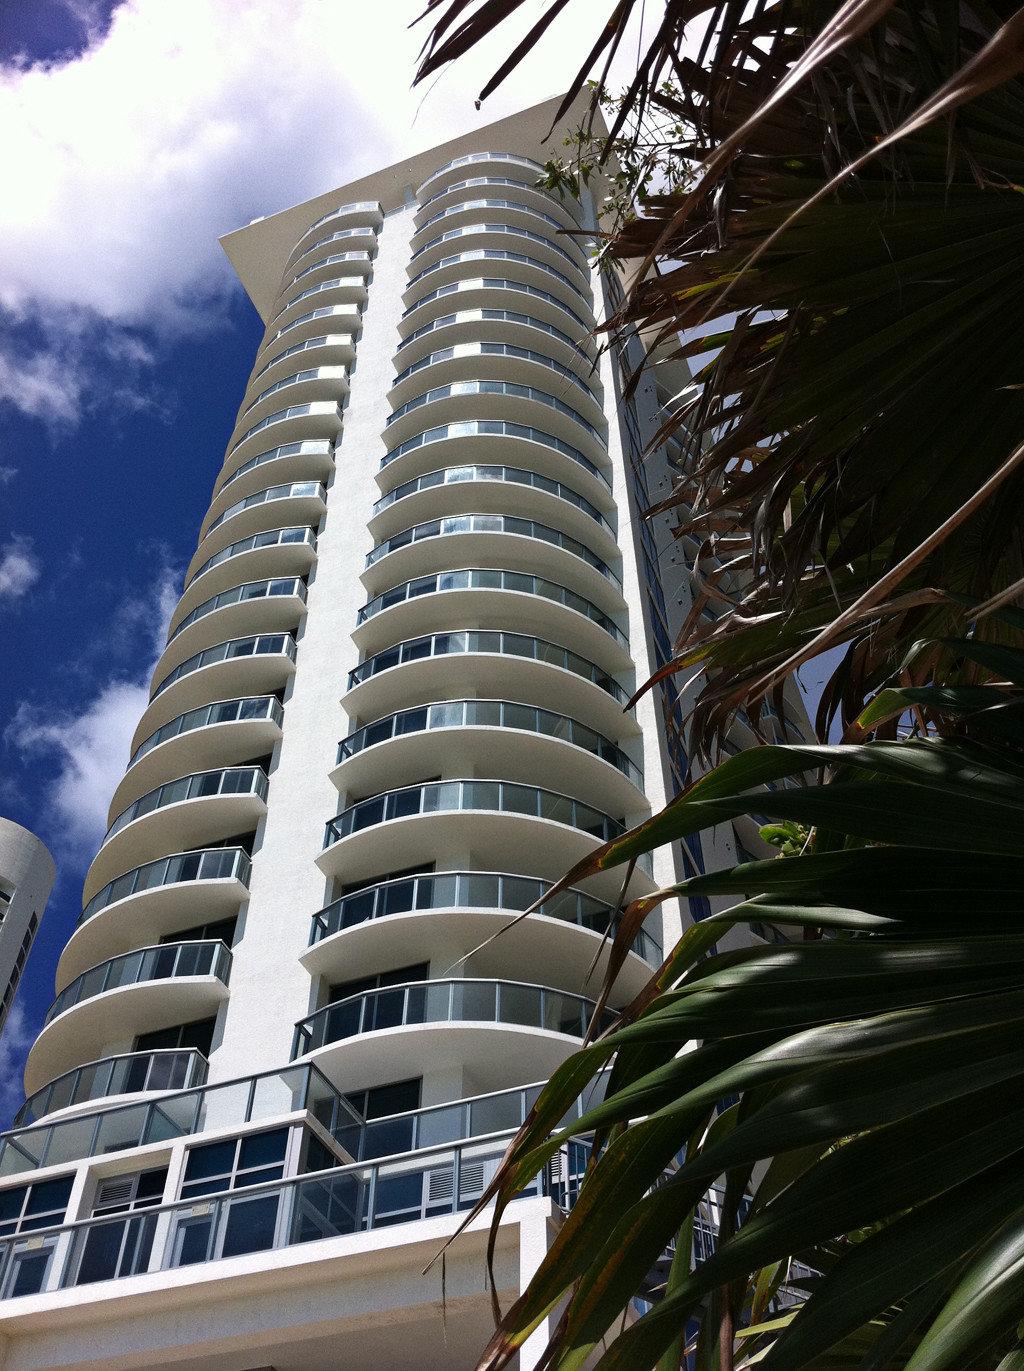 Architecture Buildings Exterior sky skyscraper landmark tower block tower condominium metropolis plant apartment building